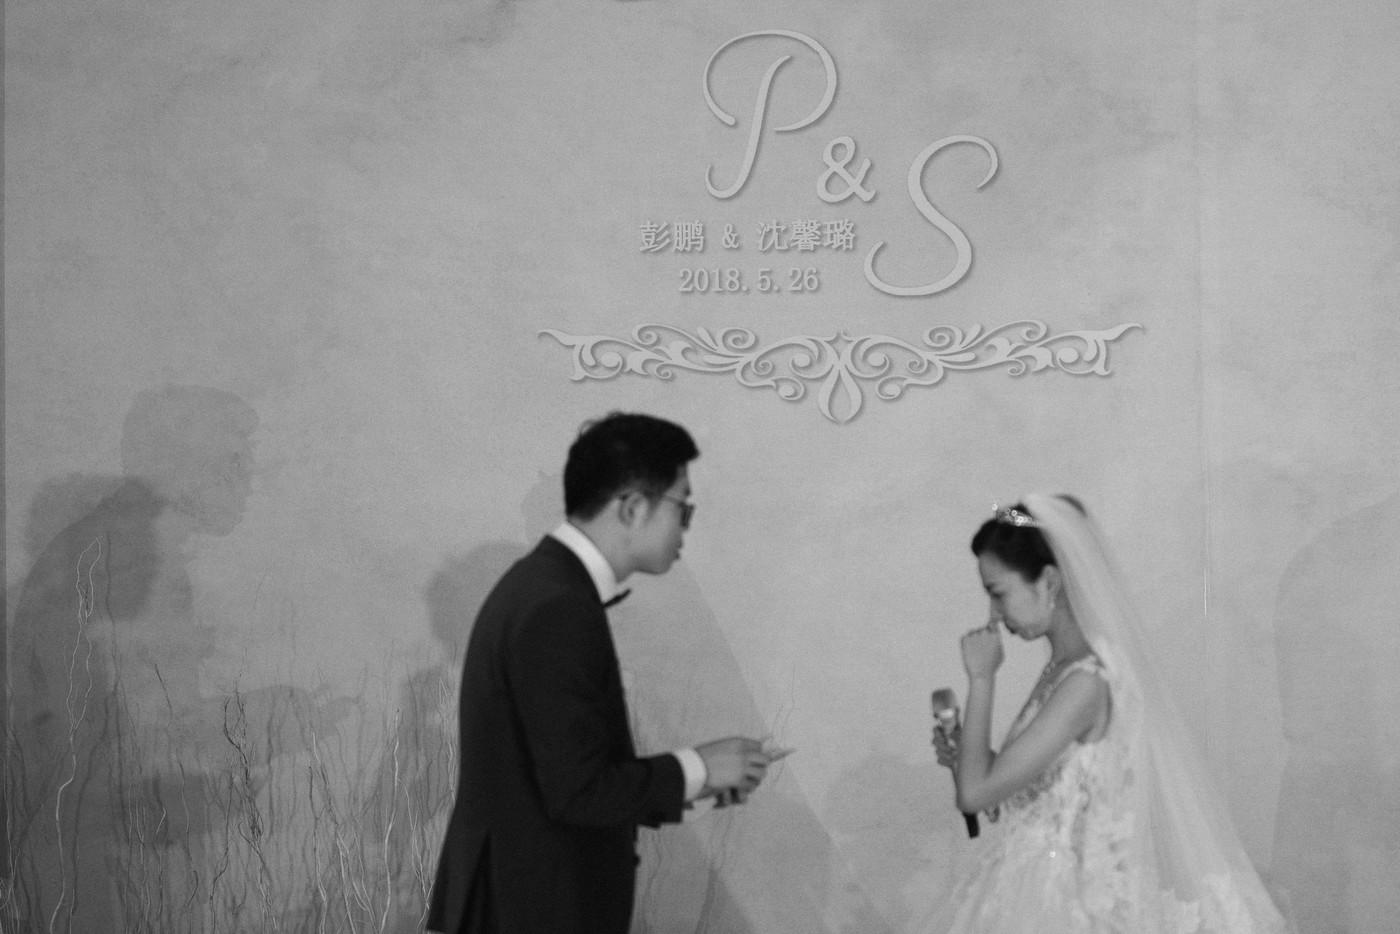 【KAI 婚礼纪实】P&S 南京婚礼59